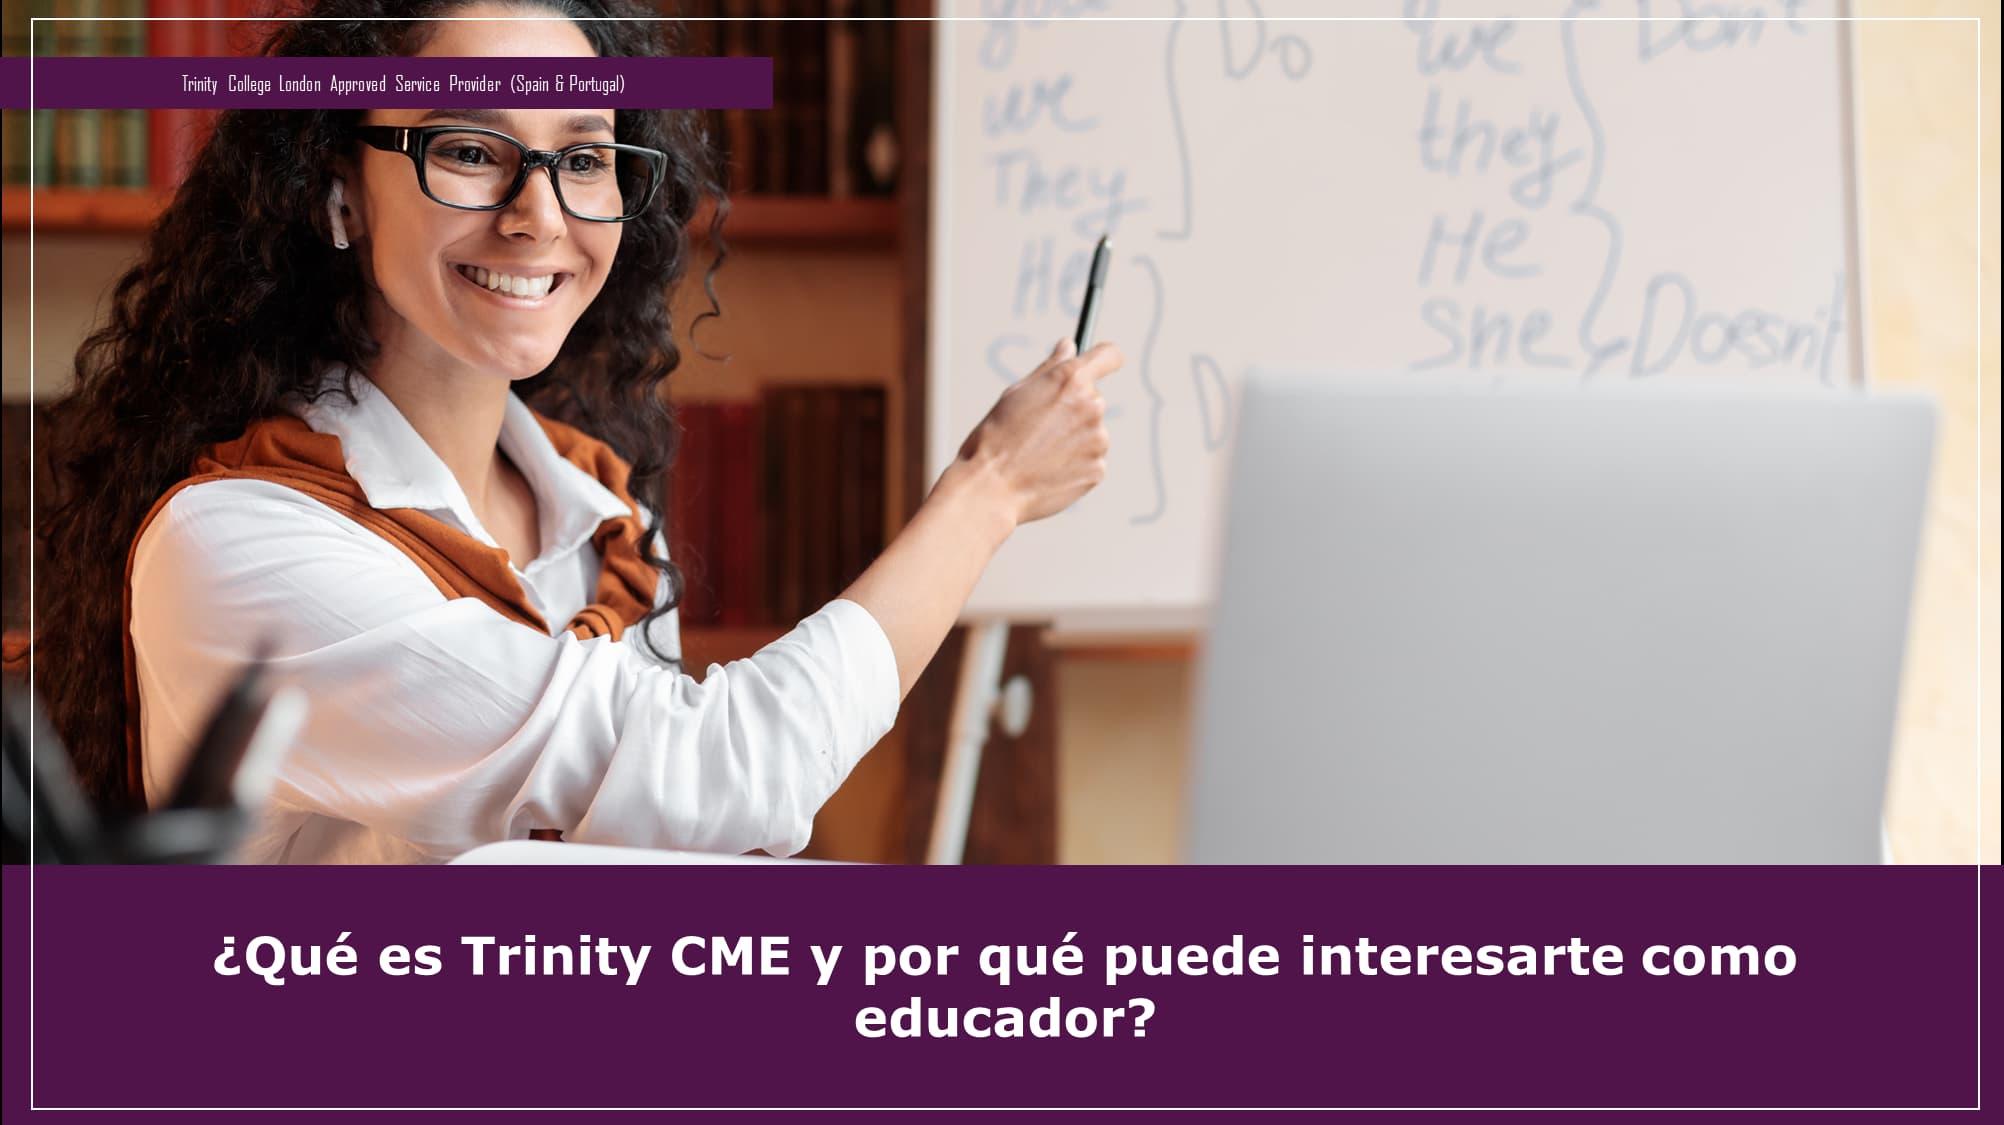 ¿Qué es Trinity CME y por qué puede interesarte como educador?